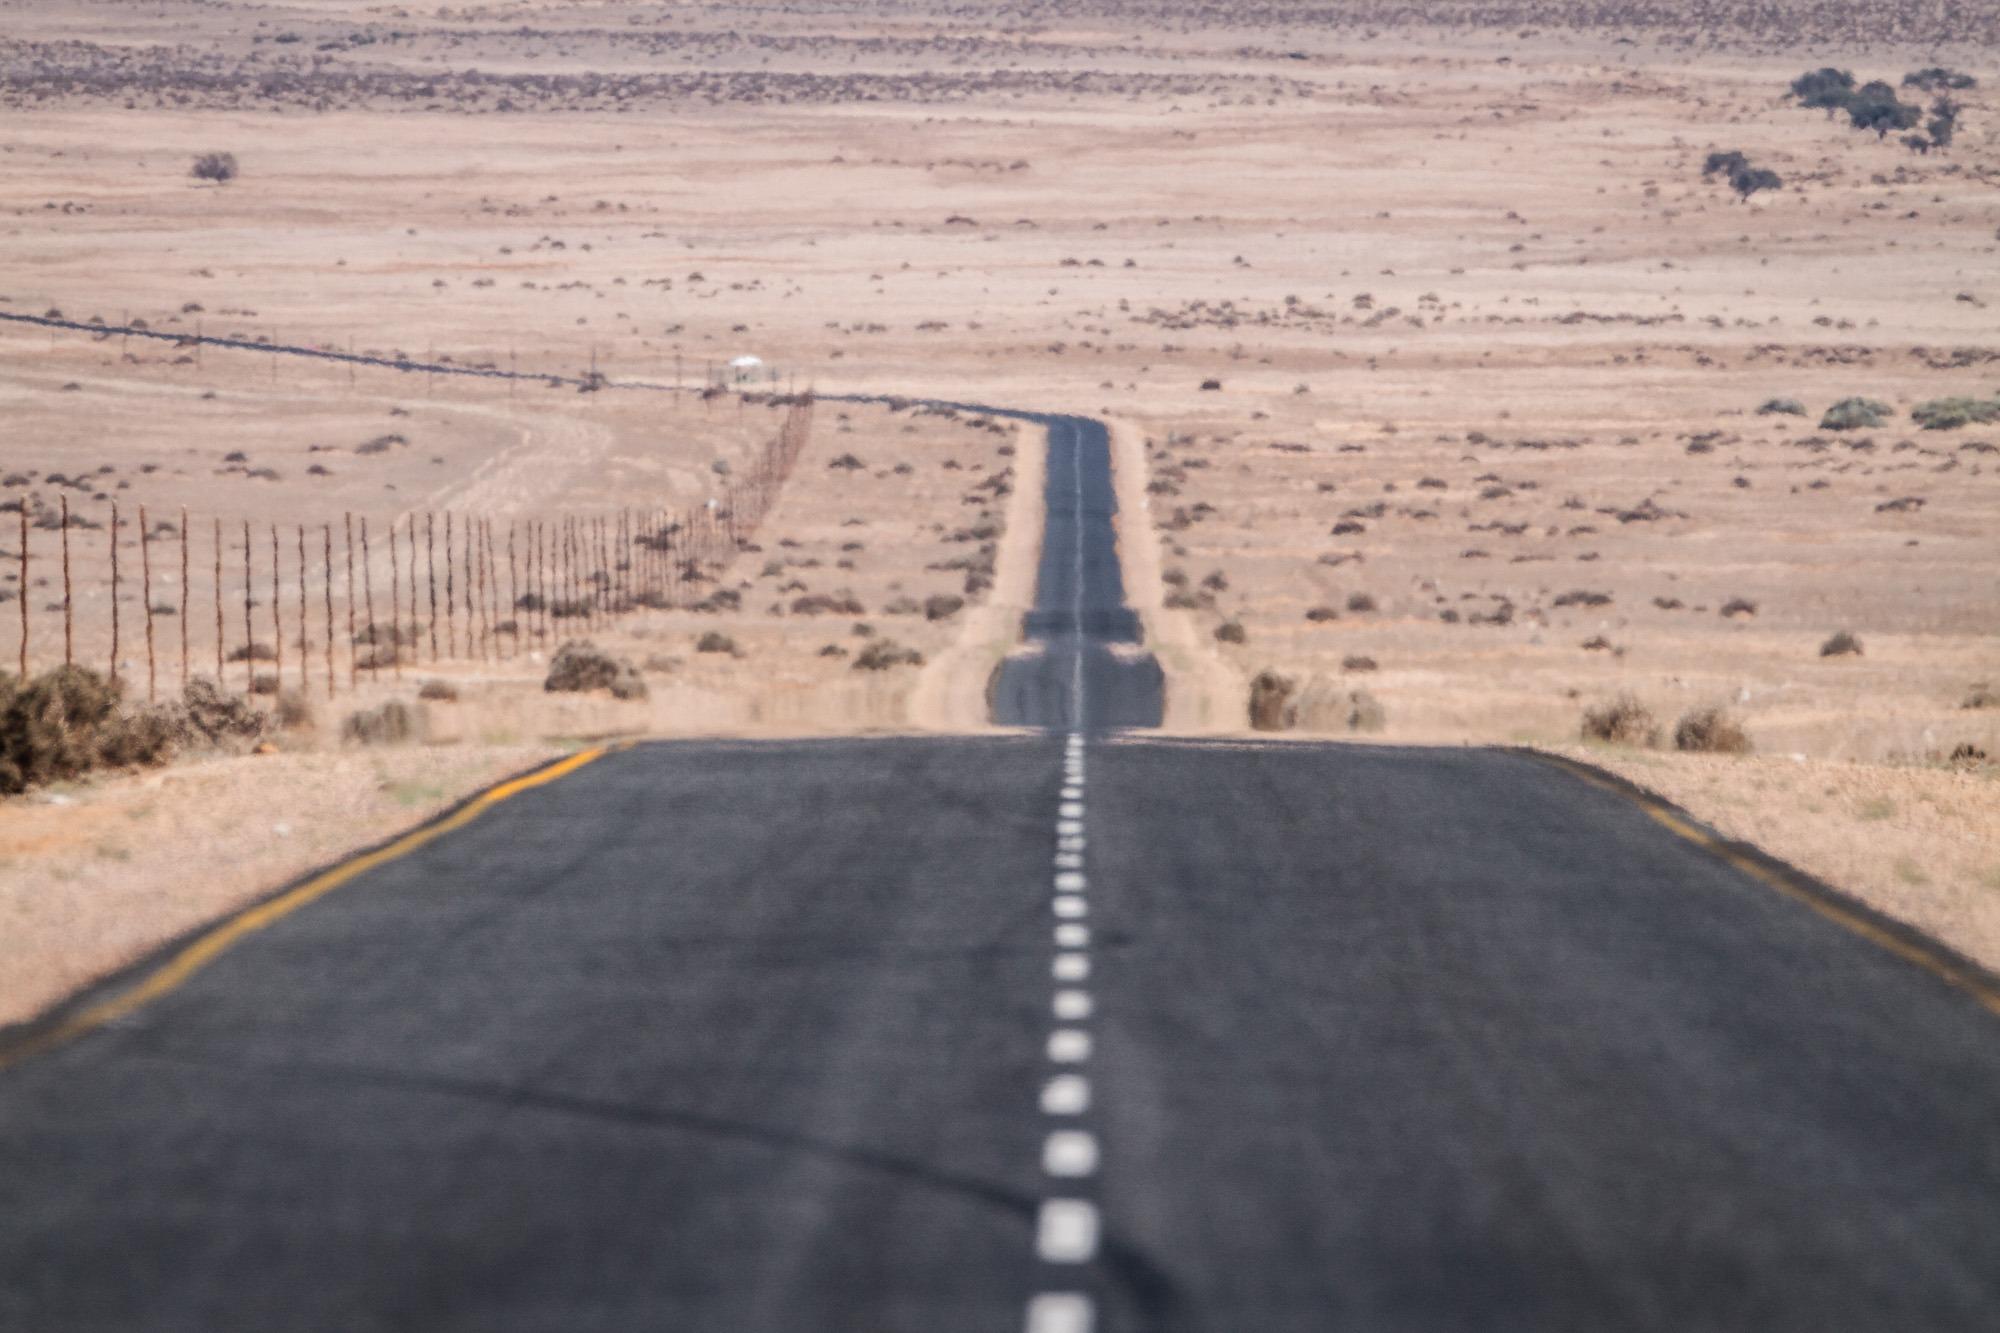 Gerade Teerstraße B4 zwischen Aus und Lüderitz in der Namib Wüste in Namibia